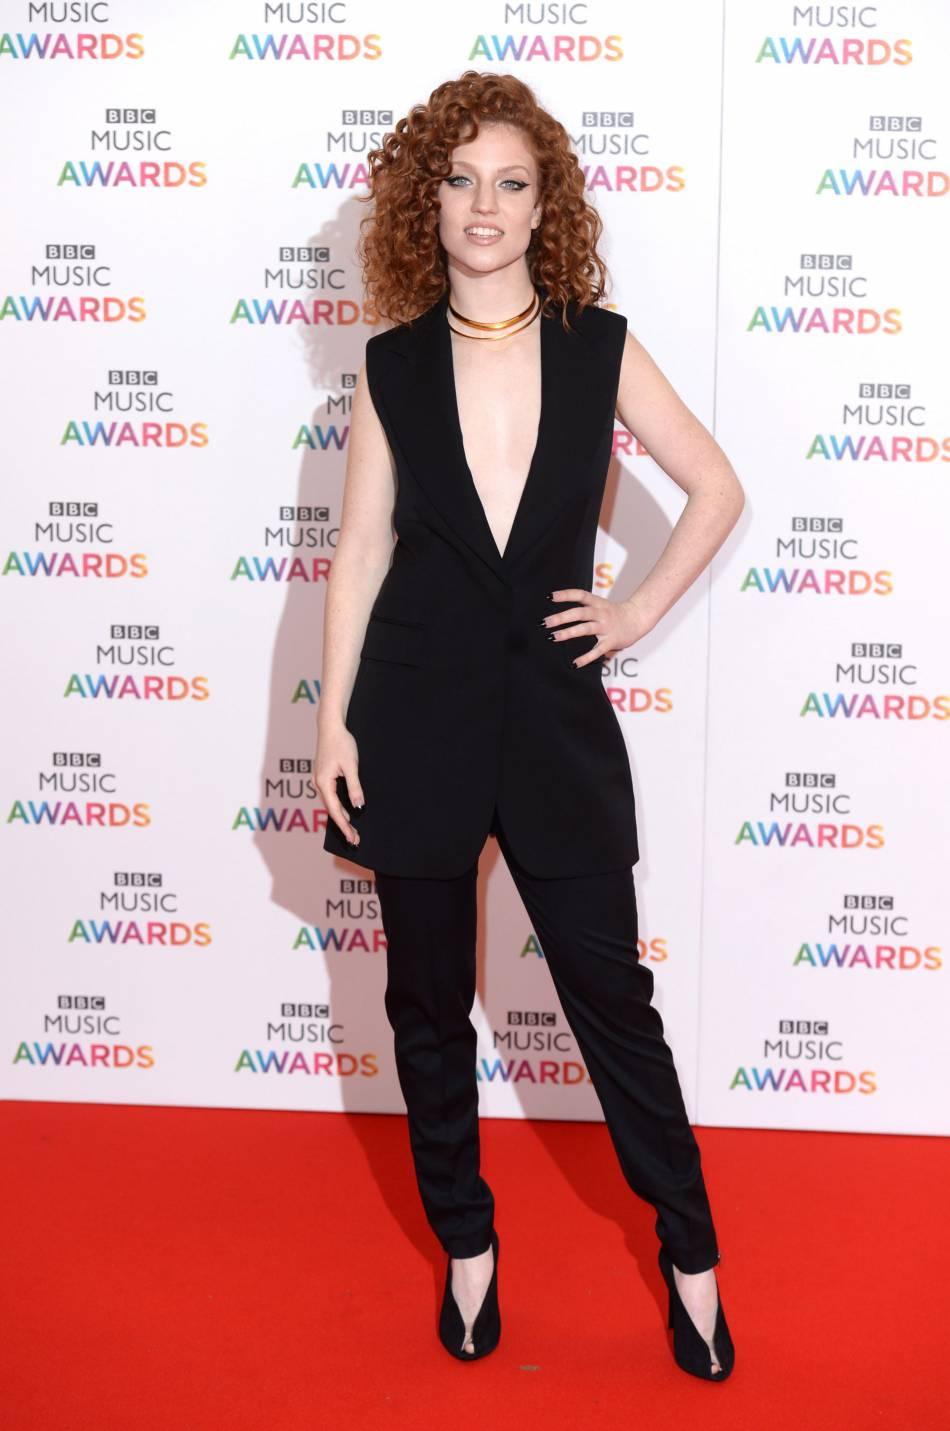 Jesse Glynne, nominée cette année aux BBC Music Awards mise sur un incontournable depuis quelques saisons, la combinaison pantalon décolletée.